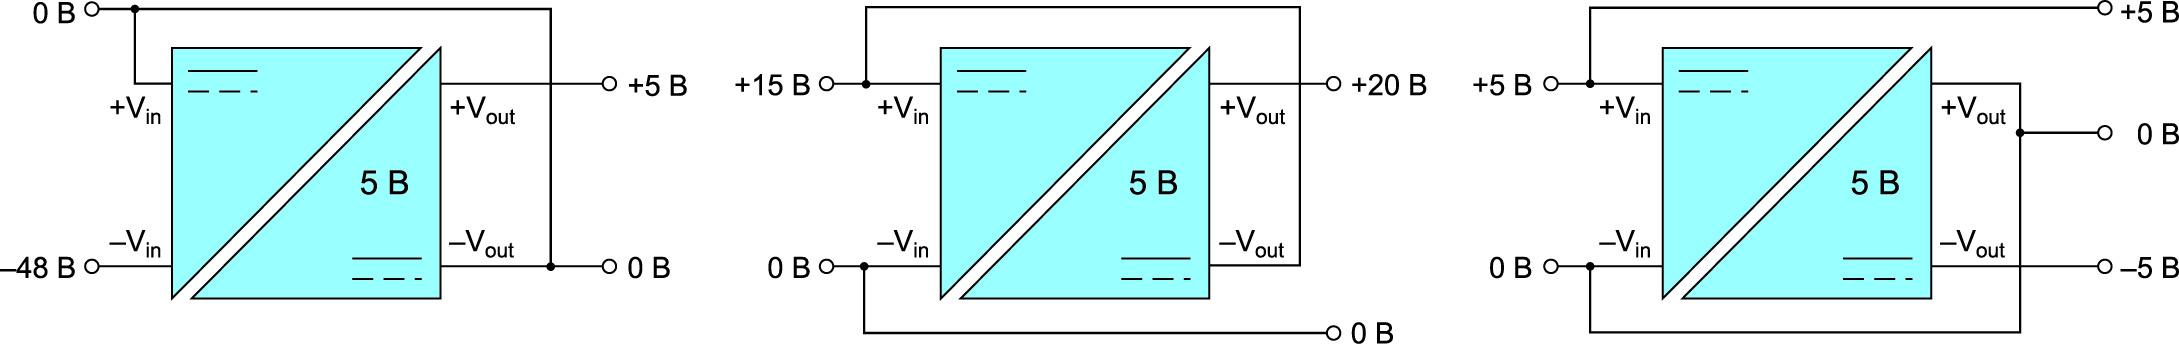 Несколько типичных вариантов практического применения изолированного DC/DC-преобразователя